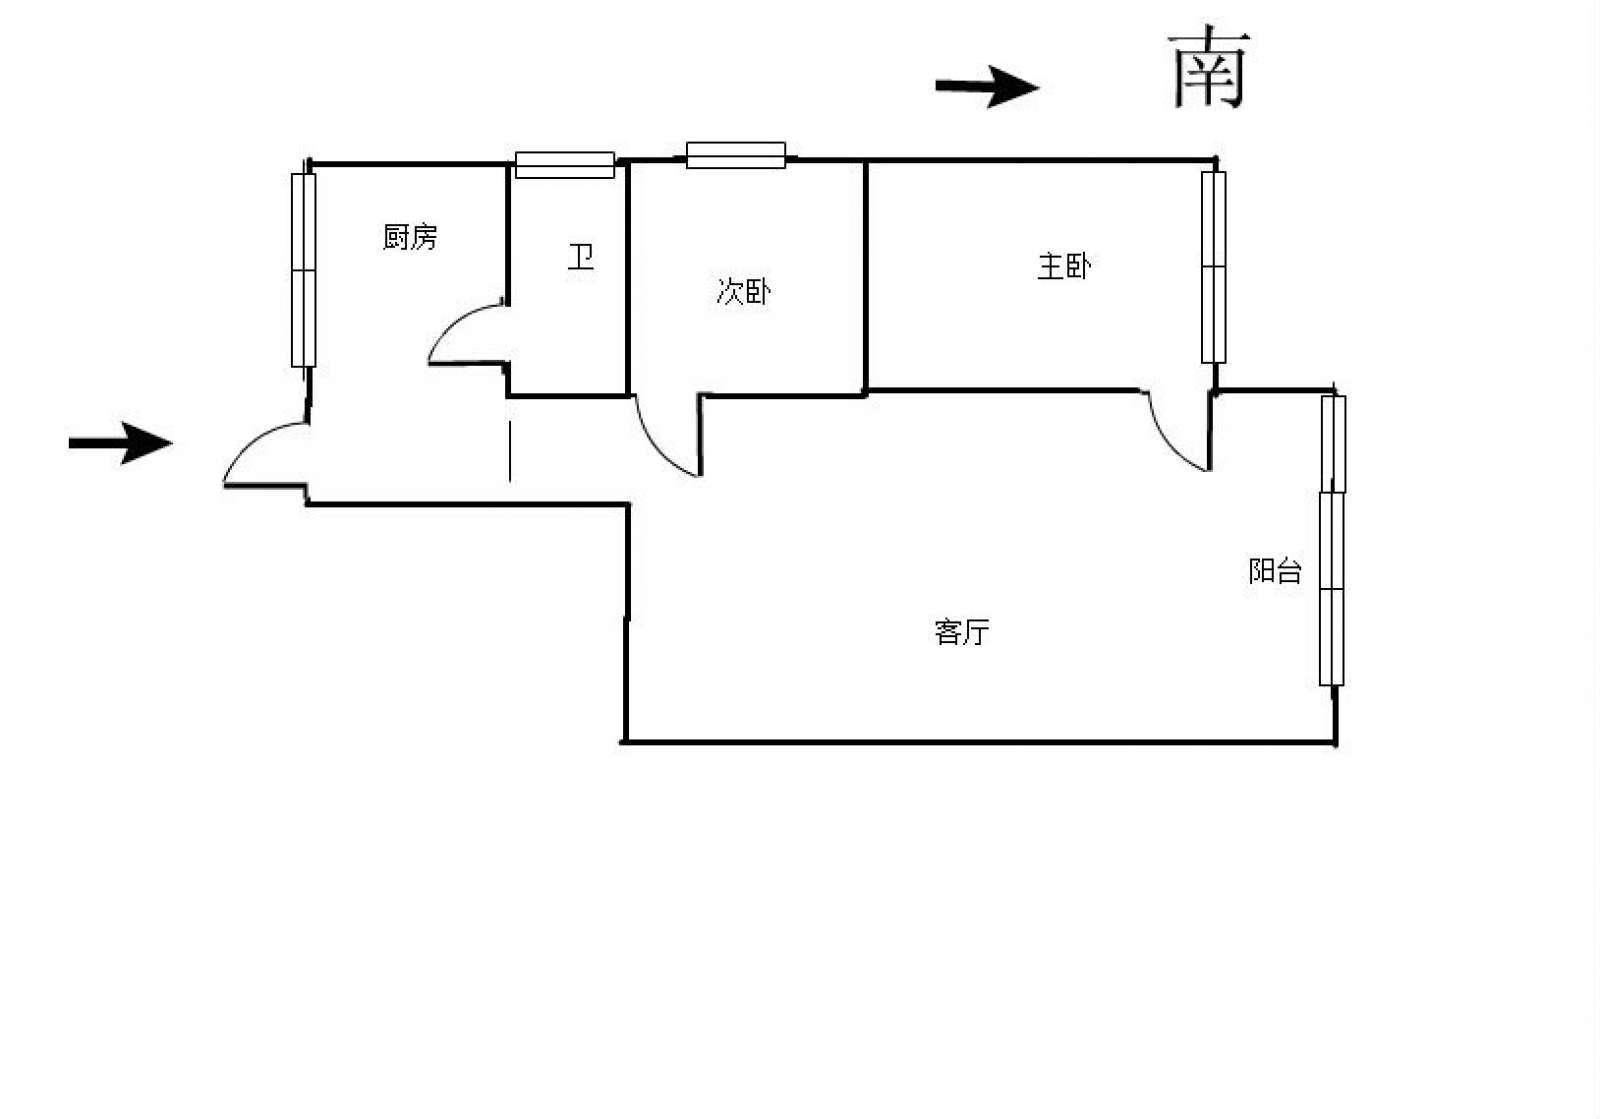 名人汇 2室2厅84.8㎡